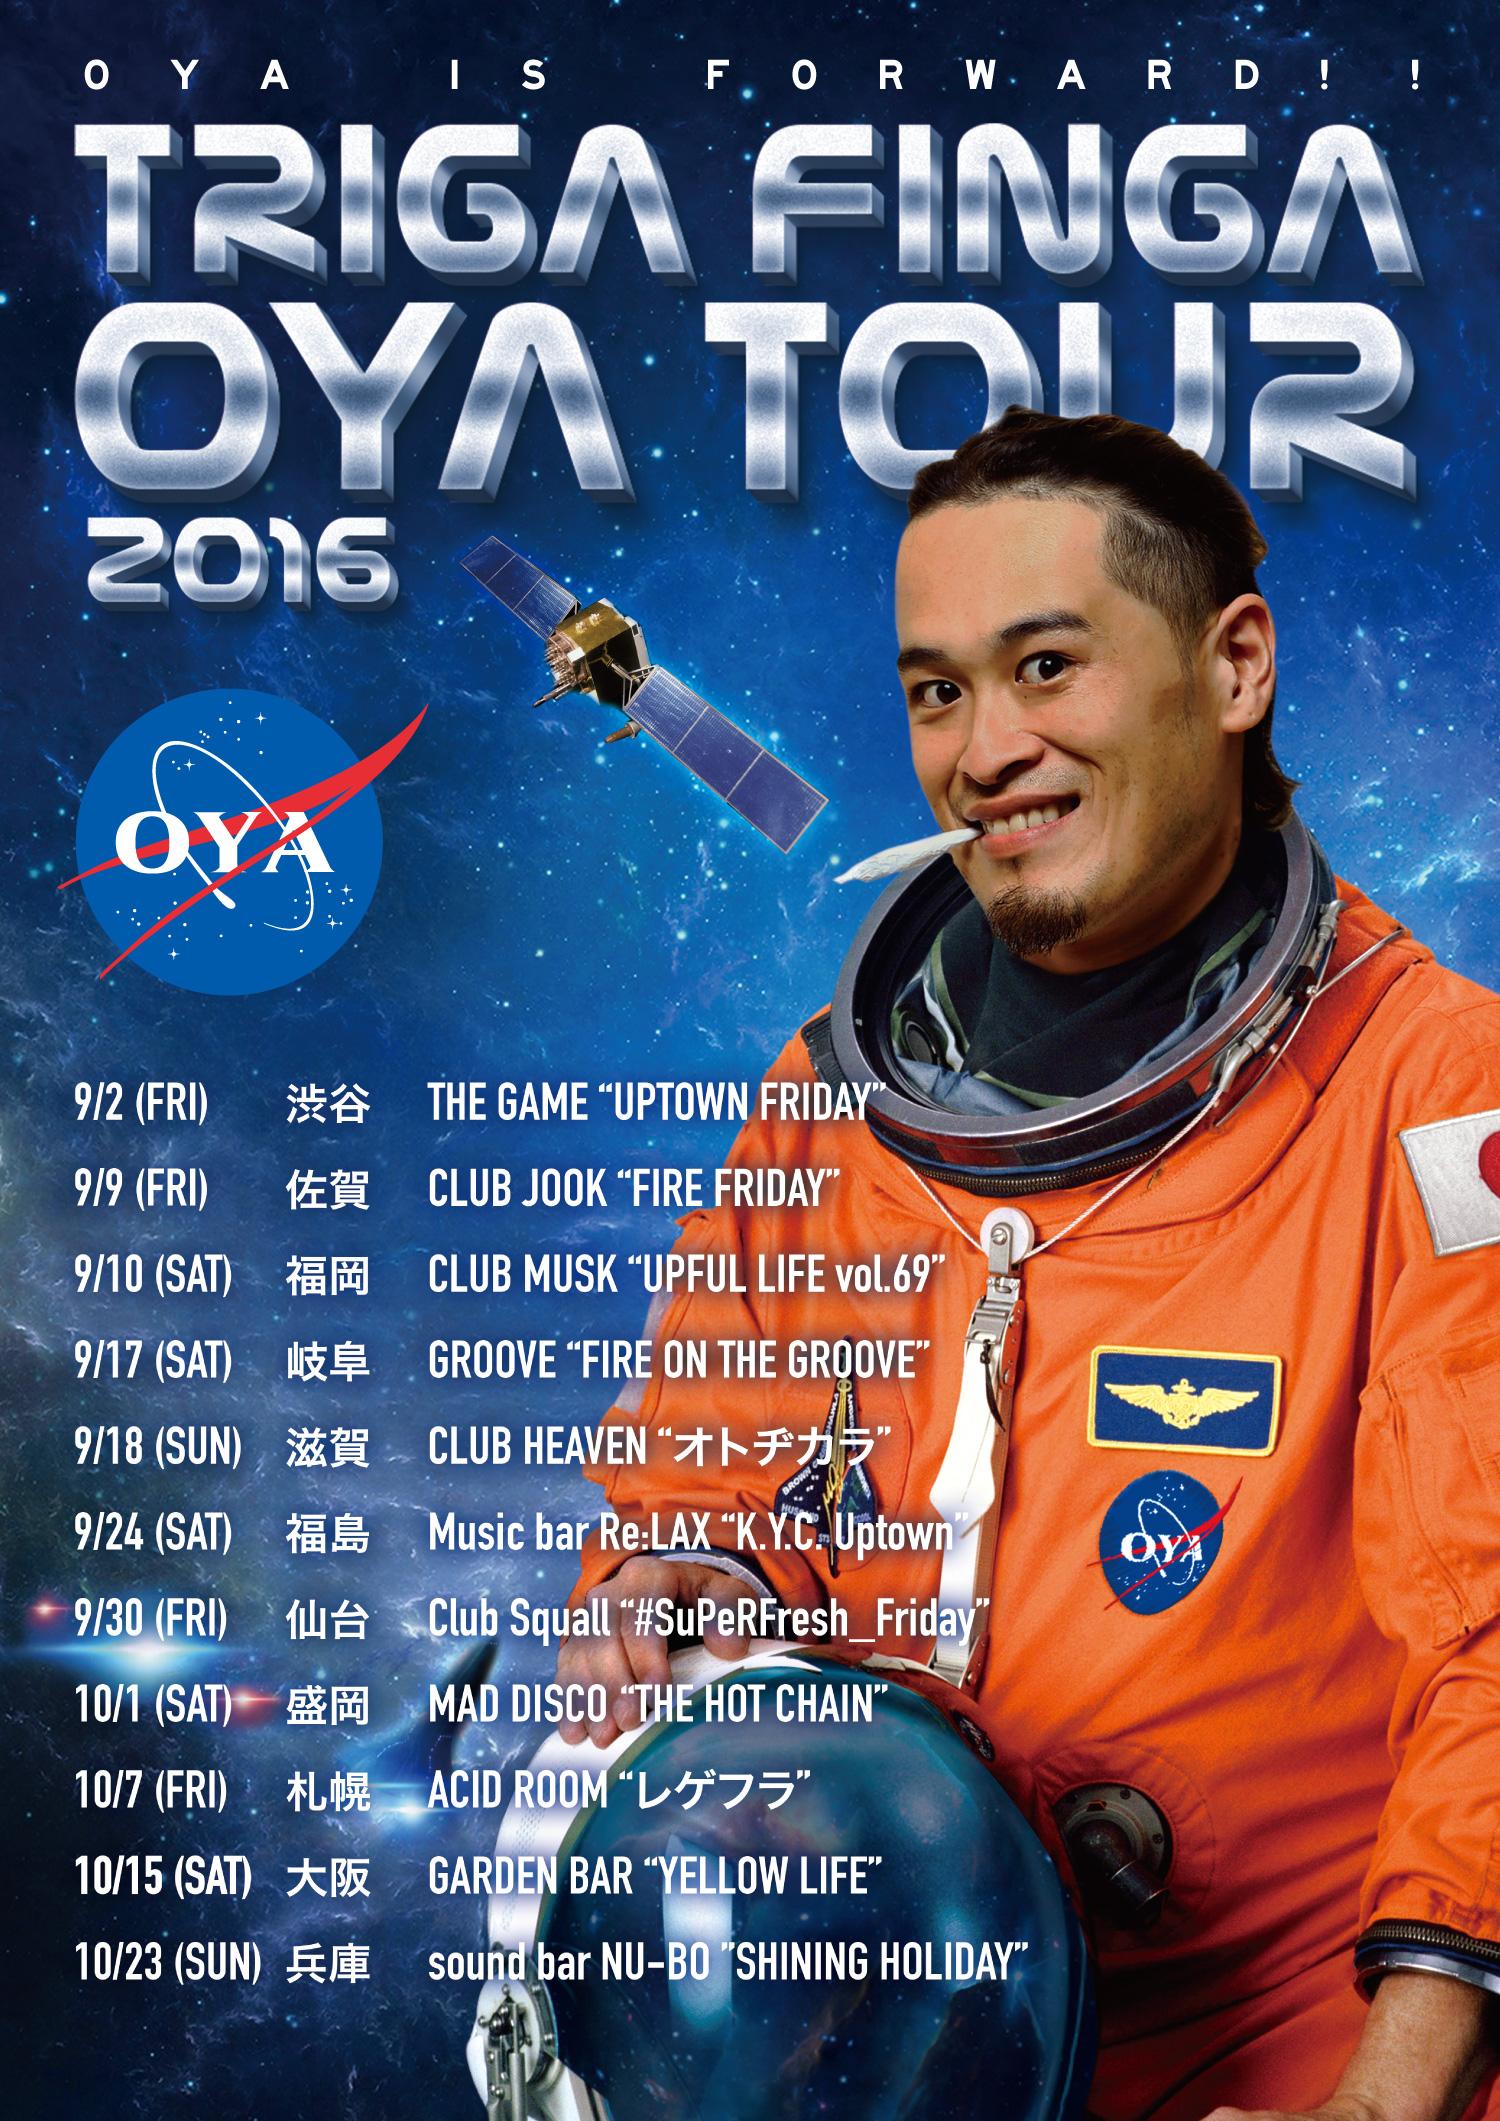 oya_tour_2016_02_2